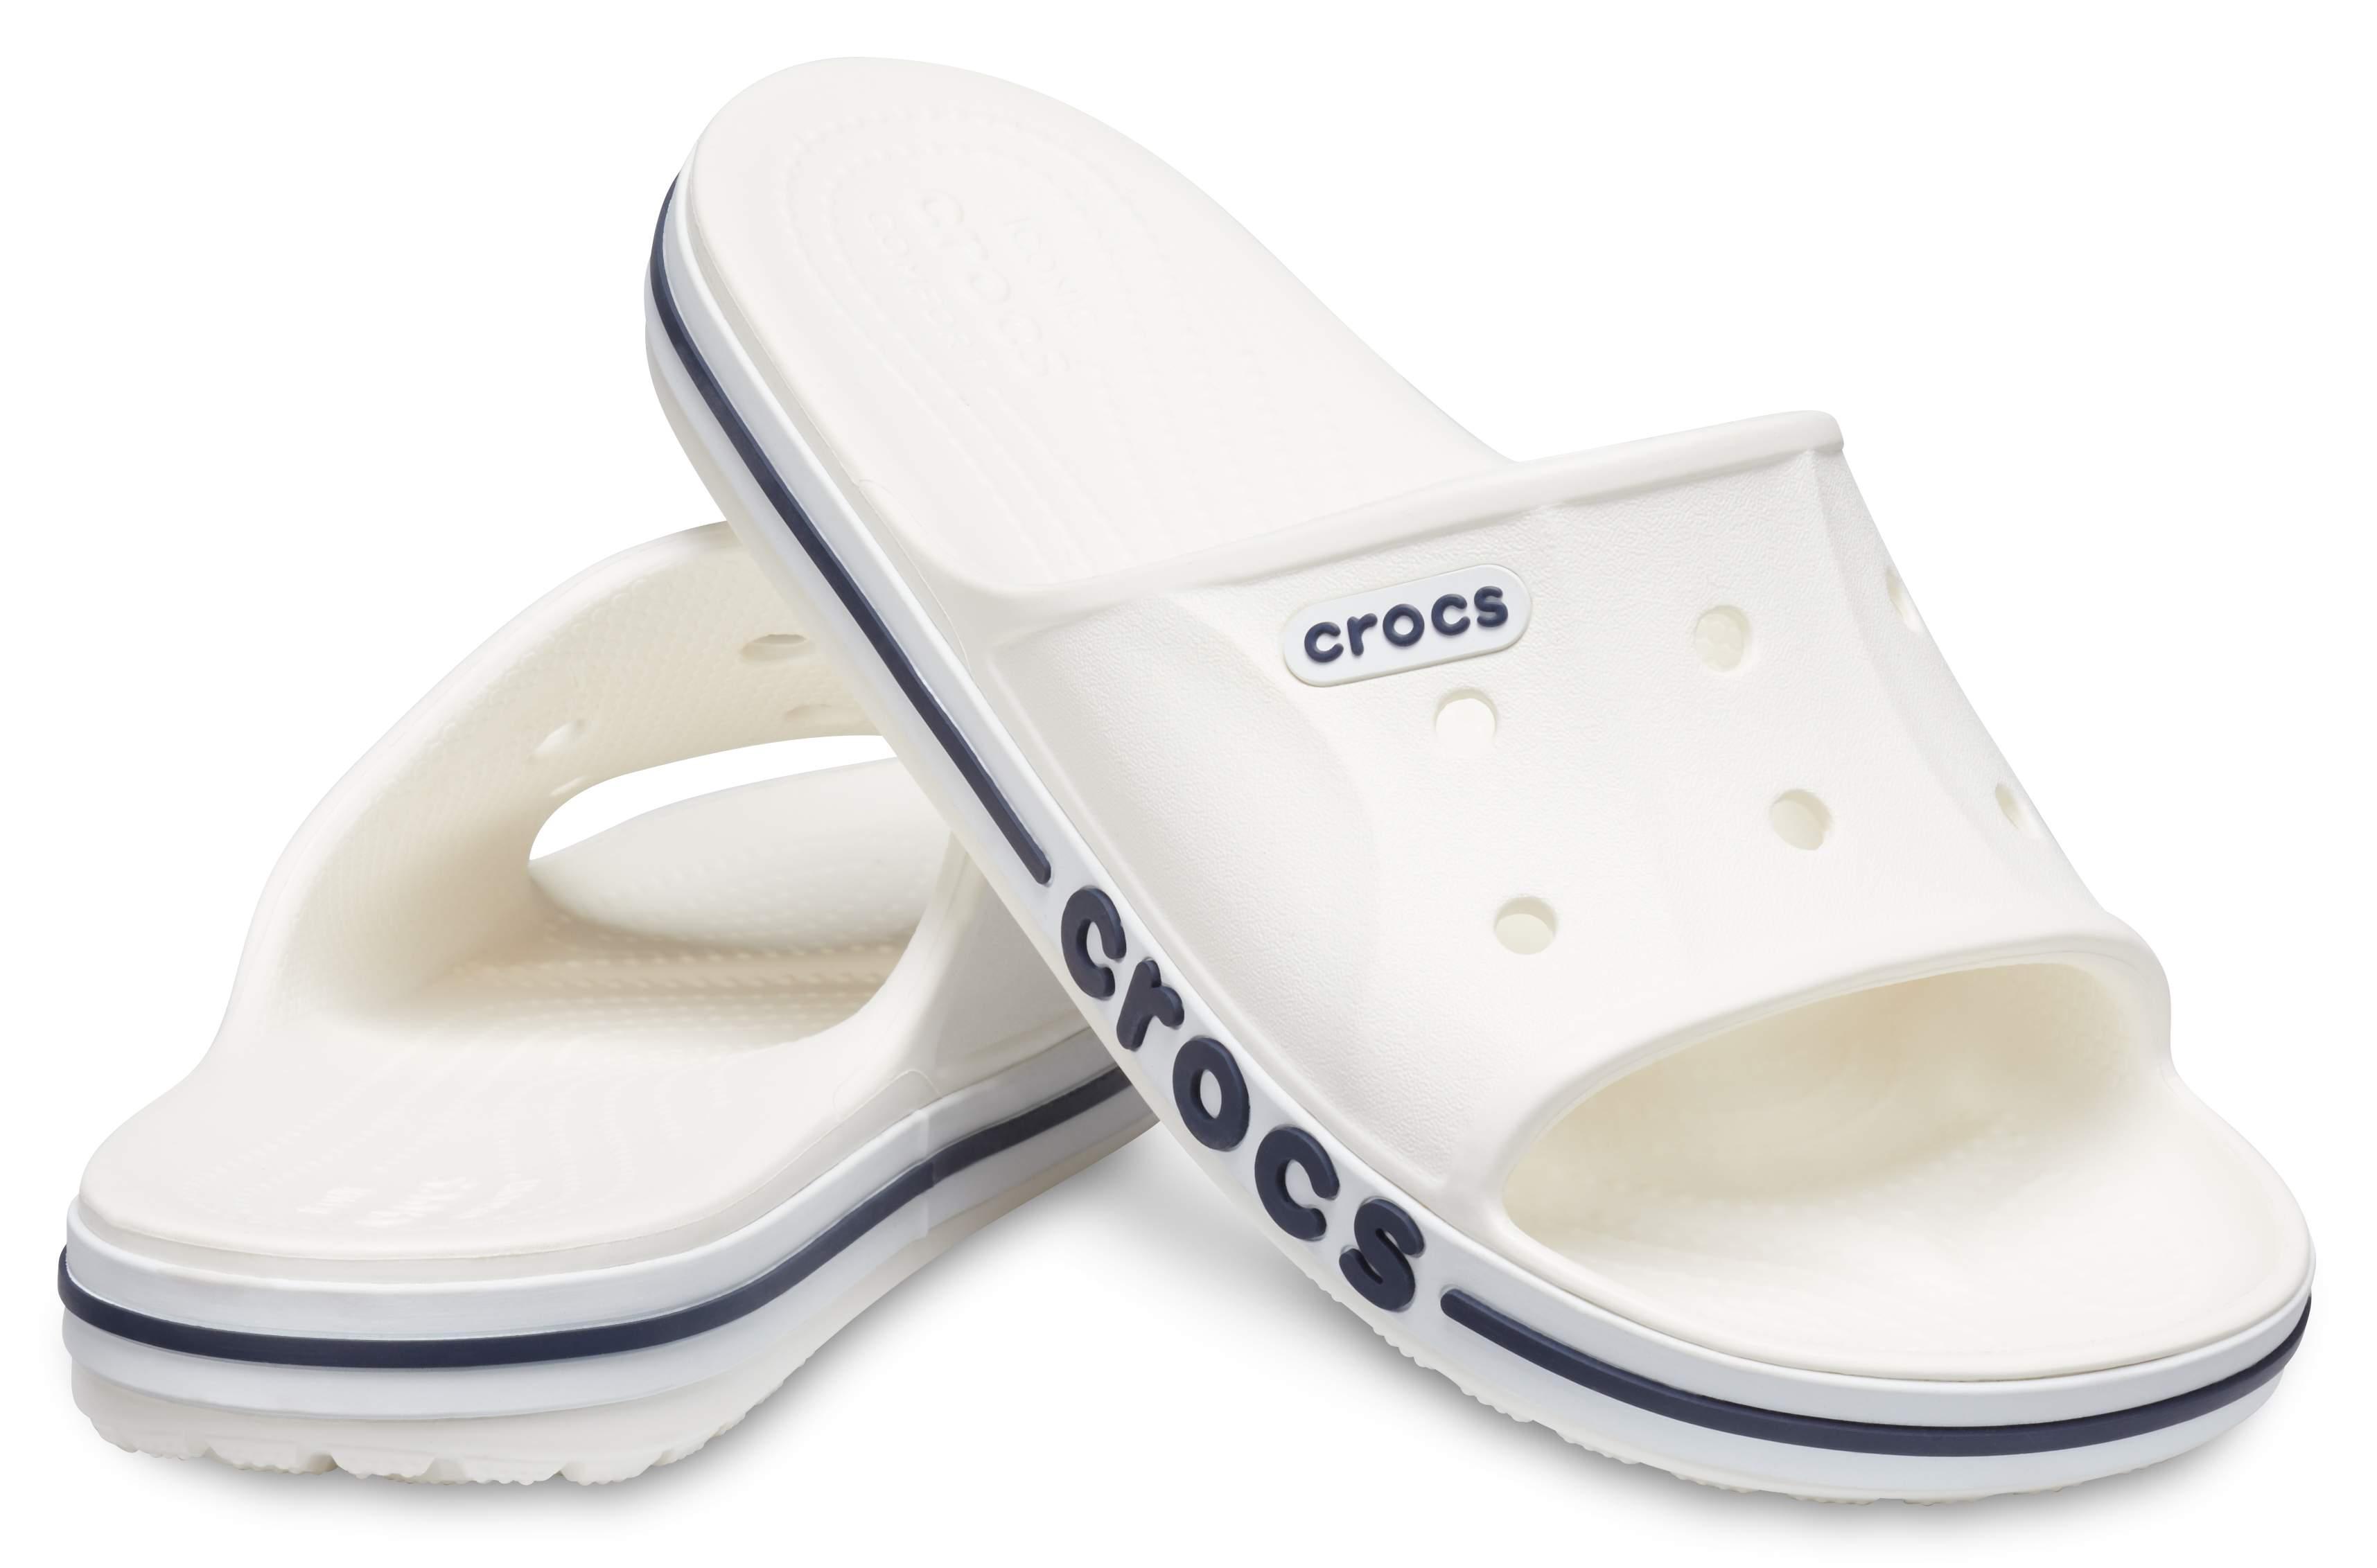 Image of Crocs Bayaband Slide White 205392-126